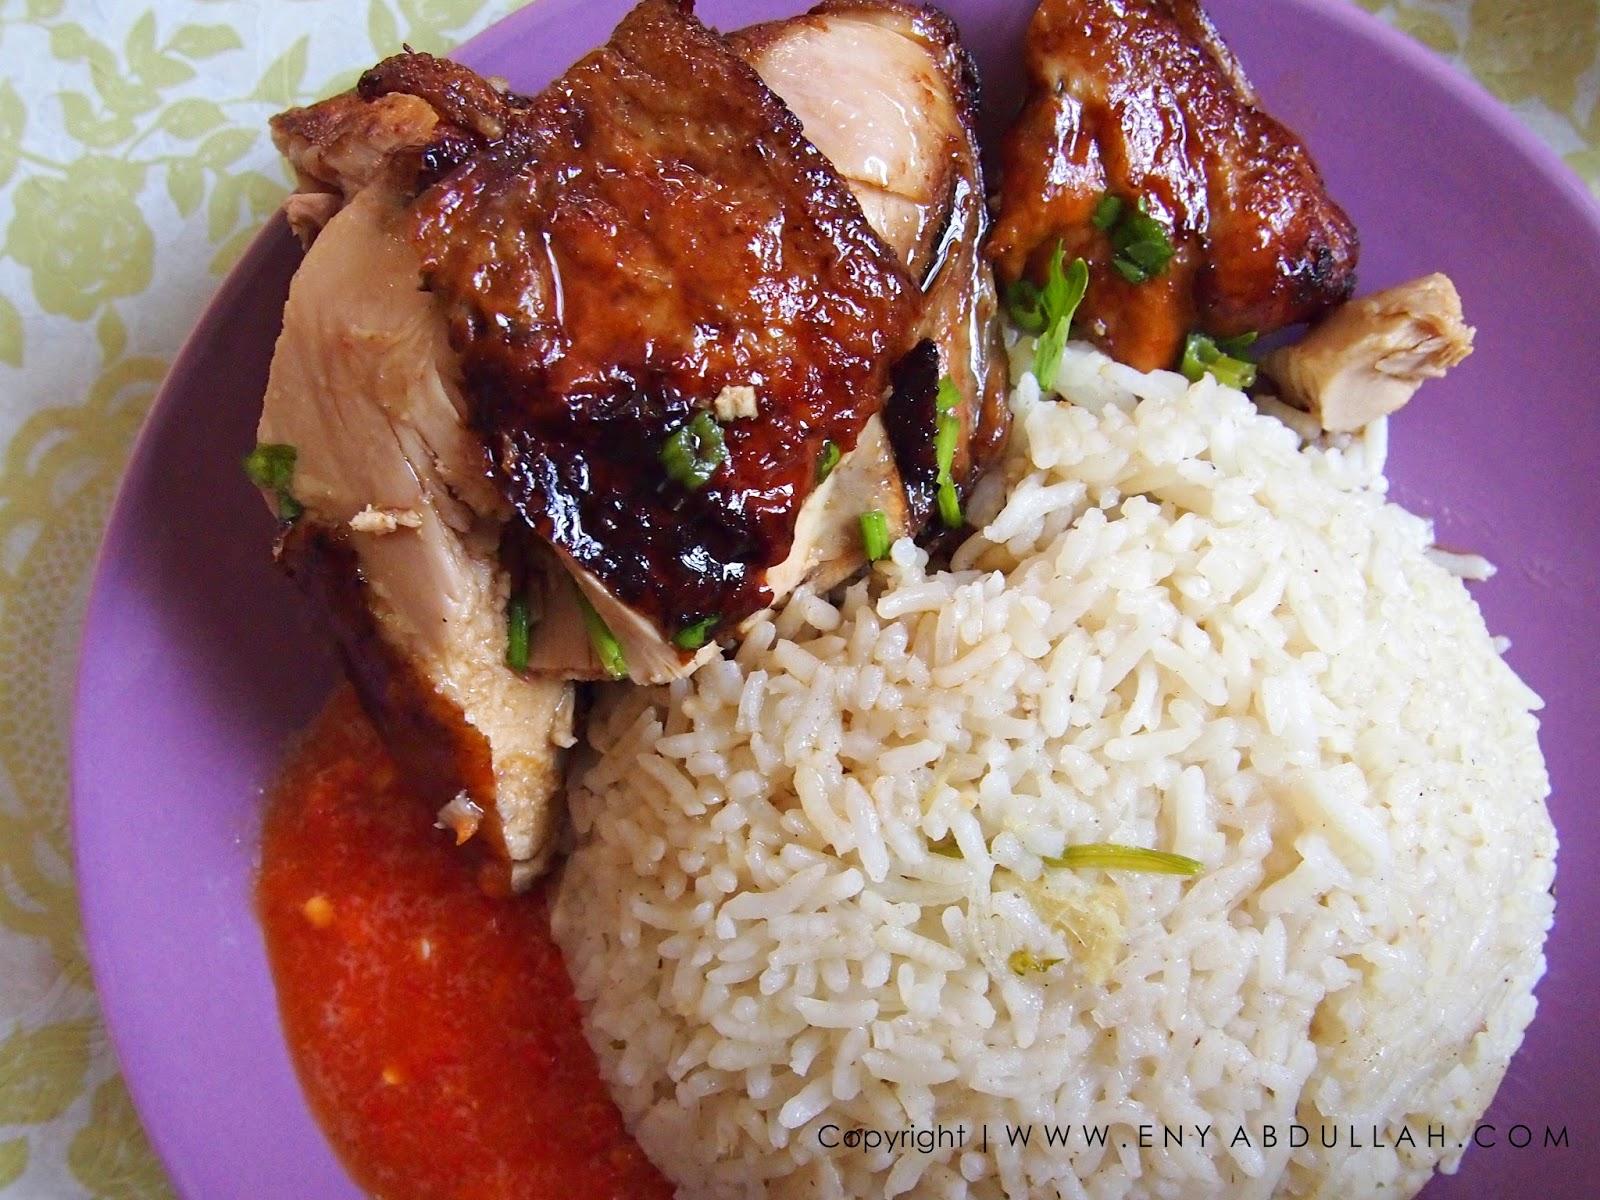 Rahsia nasi ayam sedap, tips masak nasi ayam, nasi ayam sedap, berniaga nasi ayam, Cara masak nasi ayam